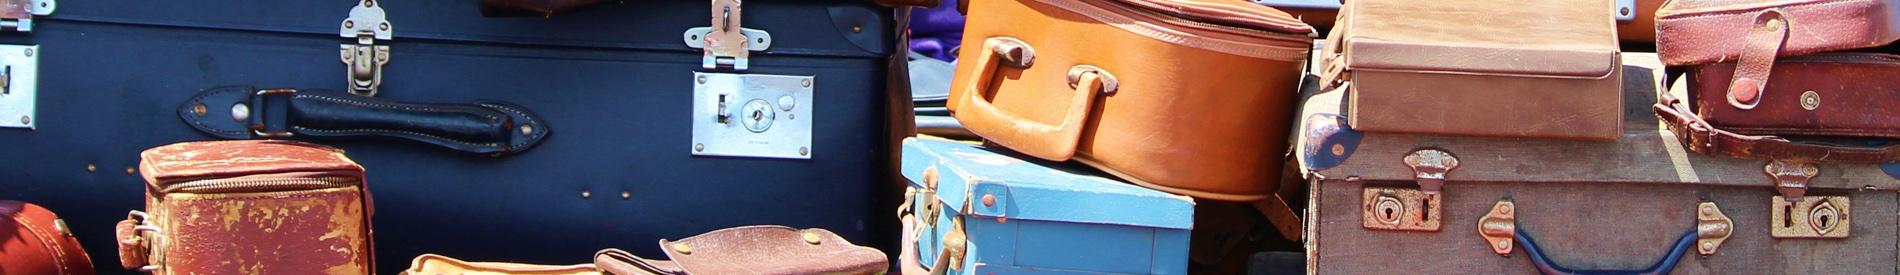 rassemblez vos affaires avant de preparer son voyage sans passer par une agence